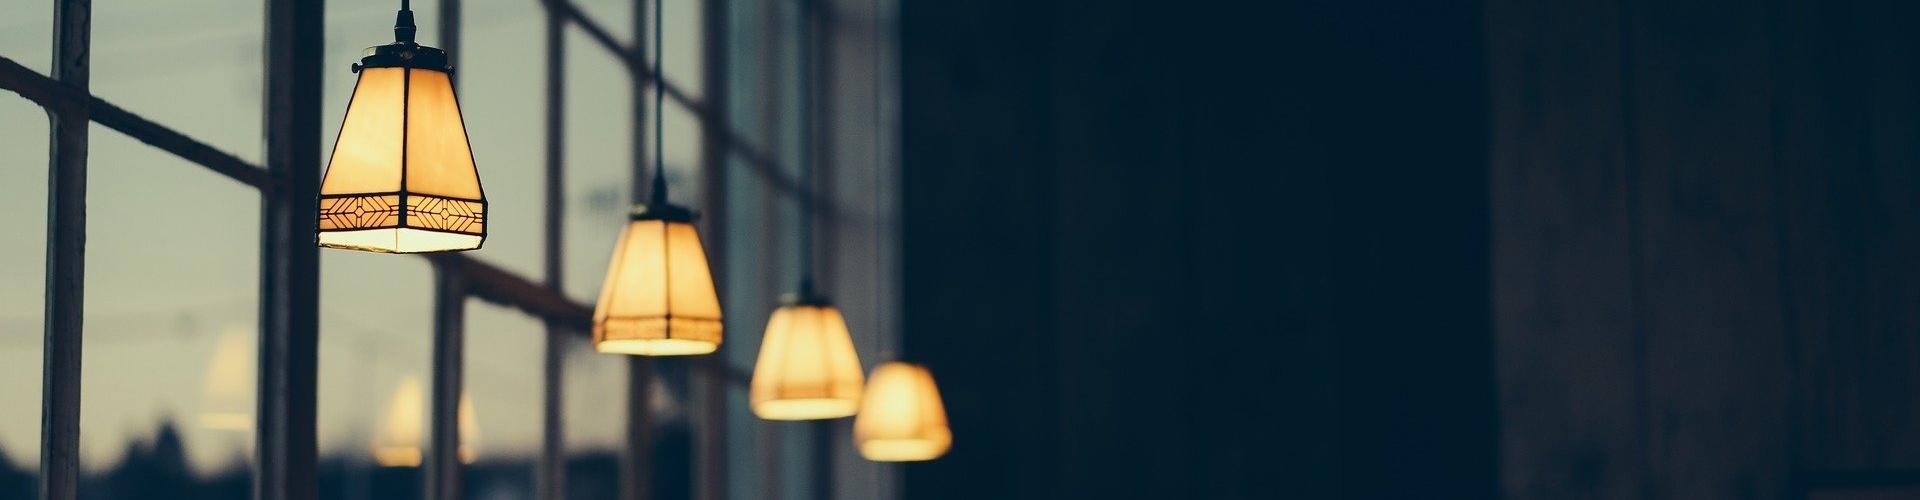 Hangende sfeer lampen